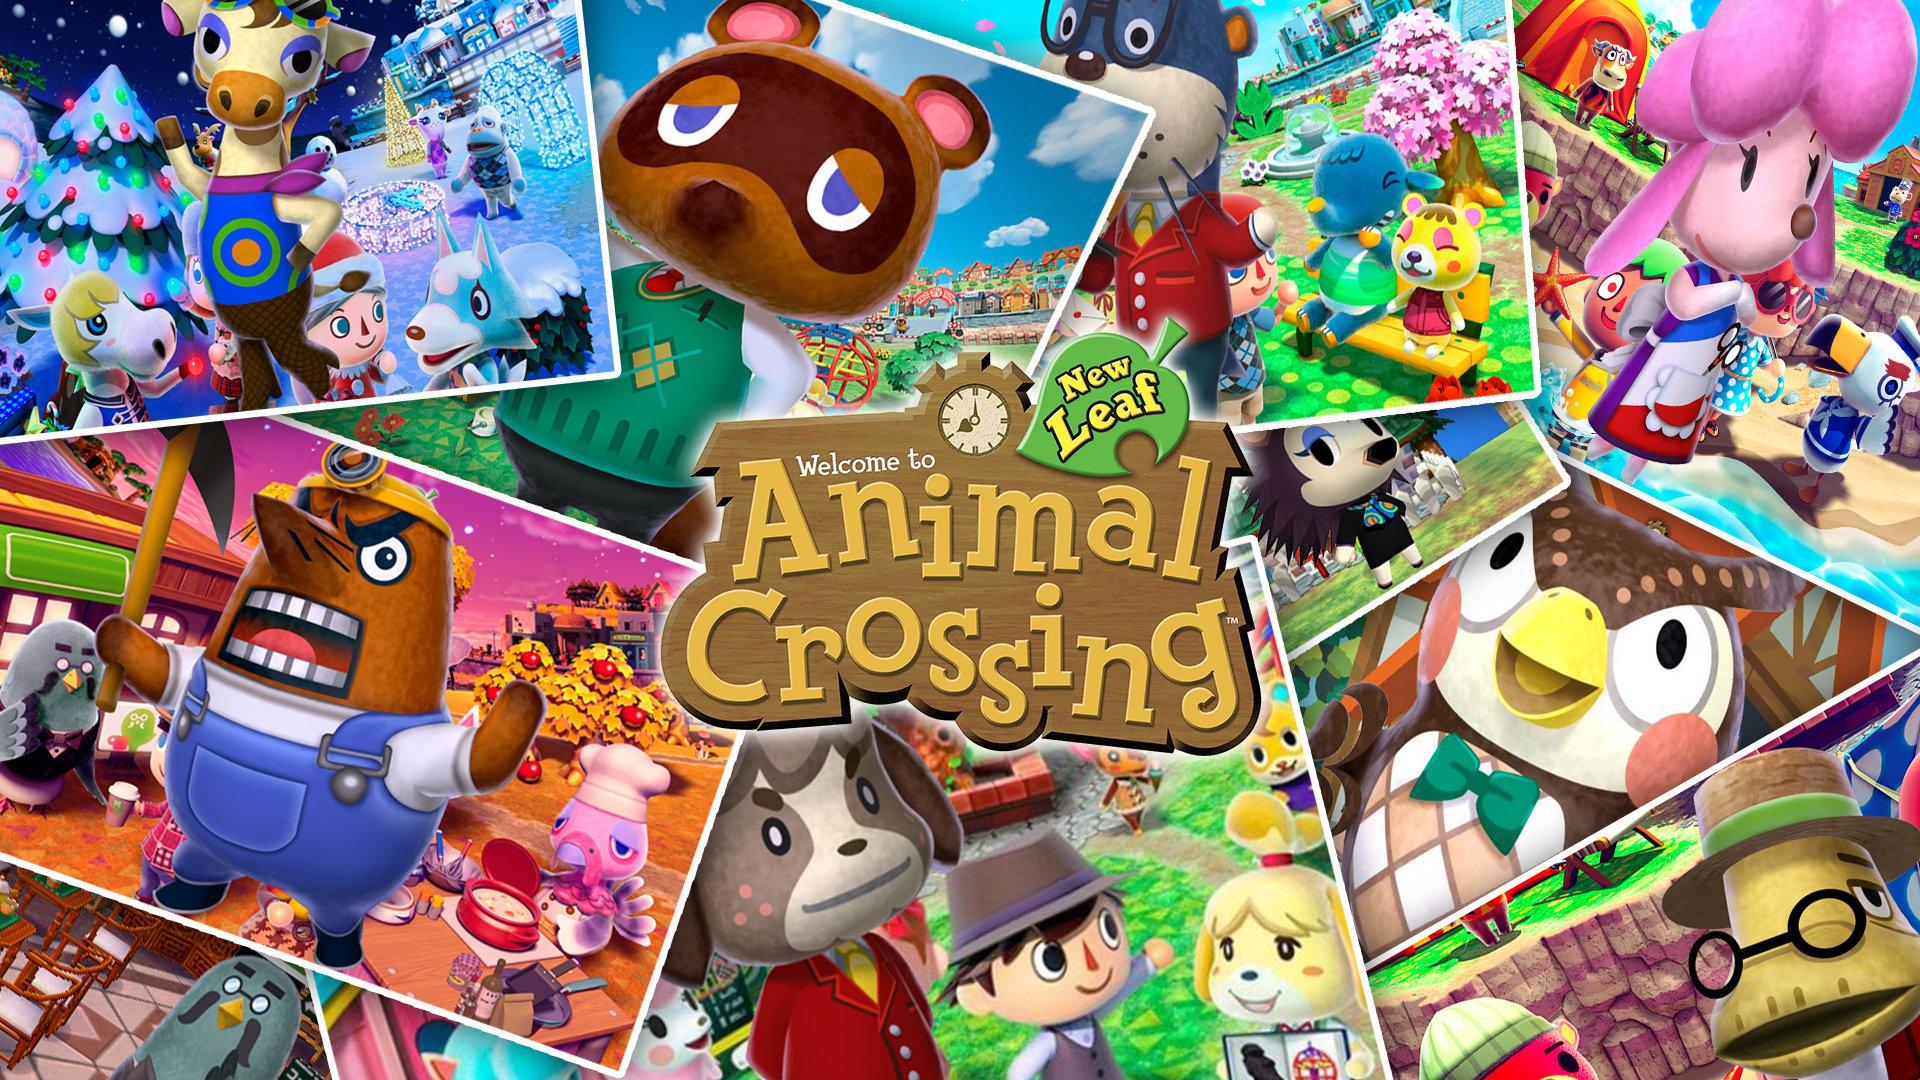 Fondos de pantalla Personajes de Animal Crossing